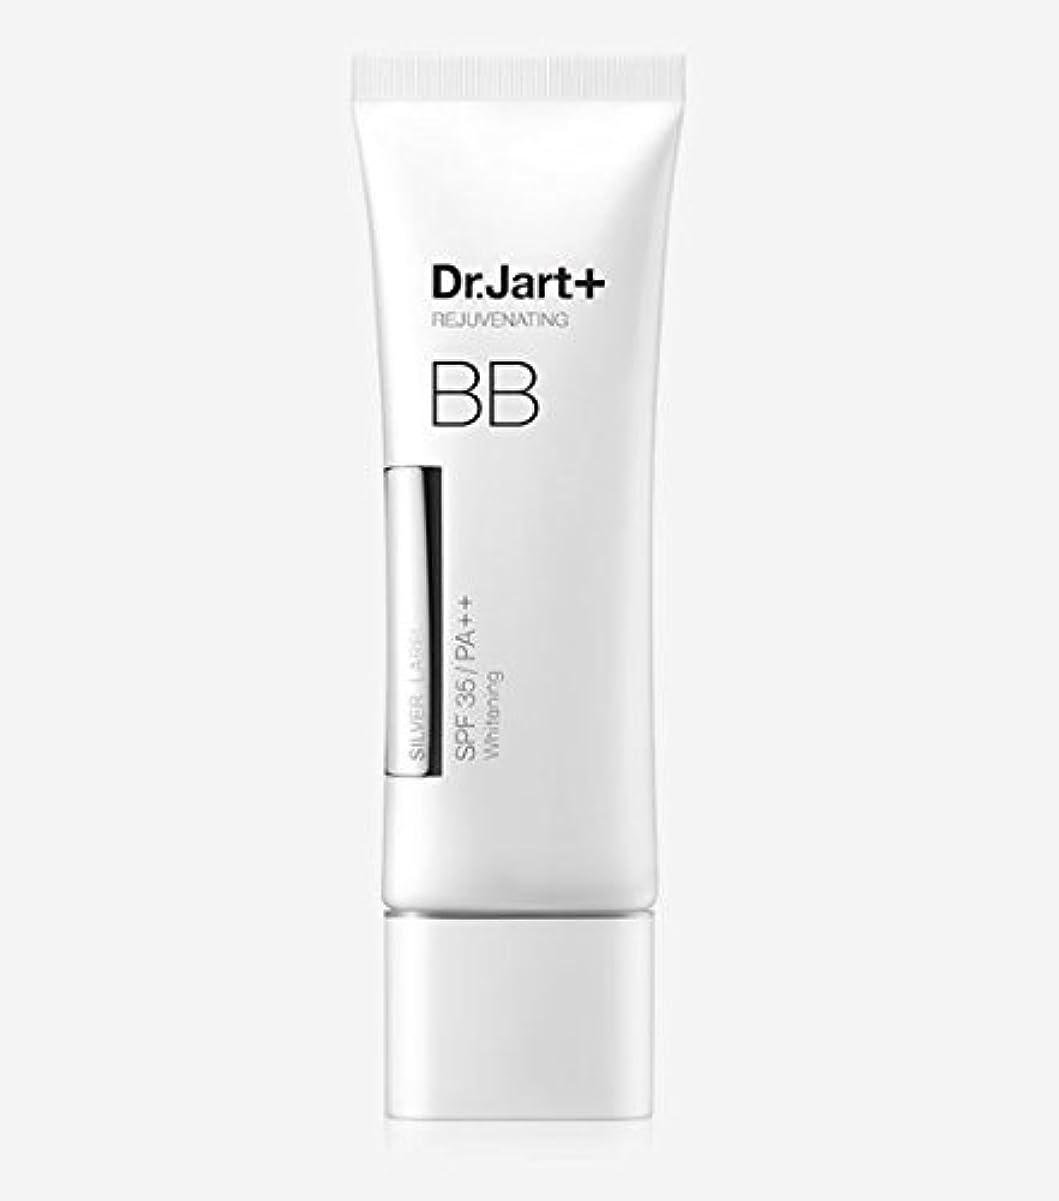 正義マークされた全部[Dr. Jart] Silver Label BB Rejuvenating Beauty Balm 50ml SPF35 PA++/[ドクタージャルト] シルバーラベル BB リジュビネイティング ビューティー バーム...